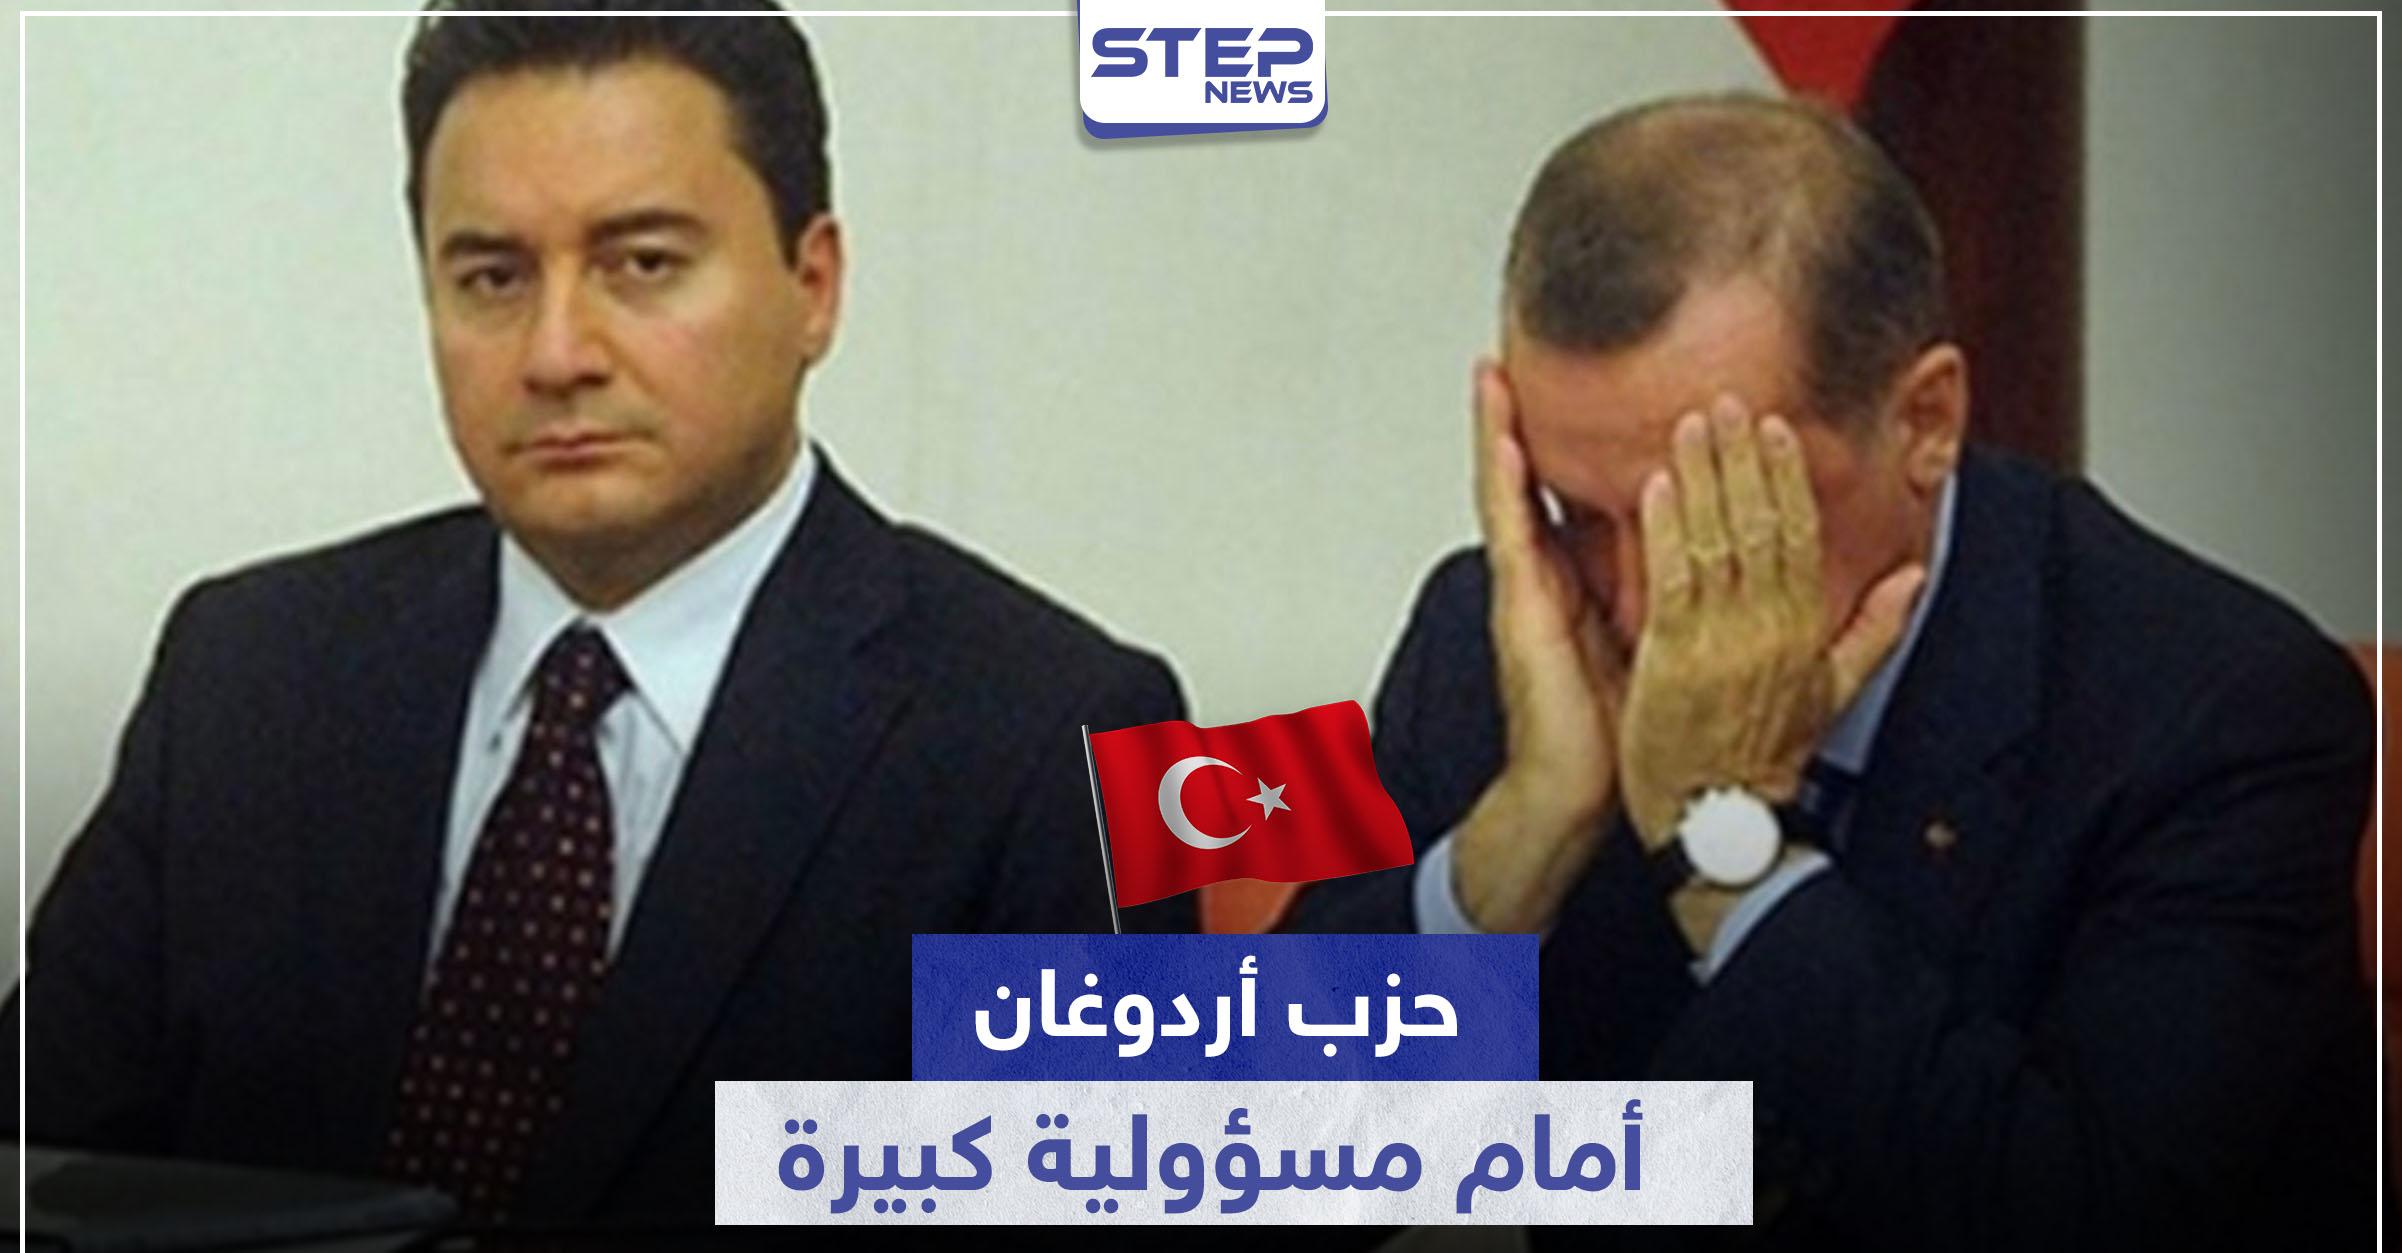 حزب أردوغان أمام مسؤولية كبيرة.. بعد داوود أوغلو مسؤول آخر يحمله أزمة كبيرة